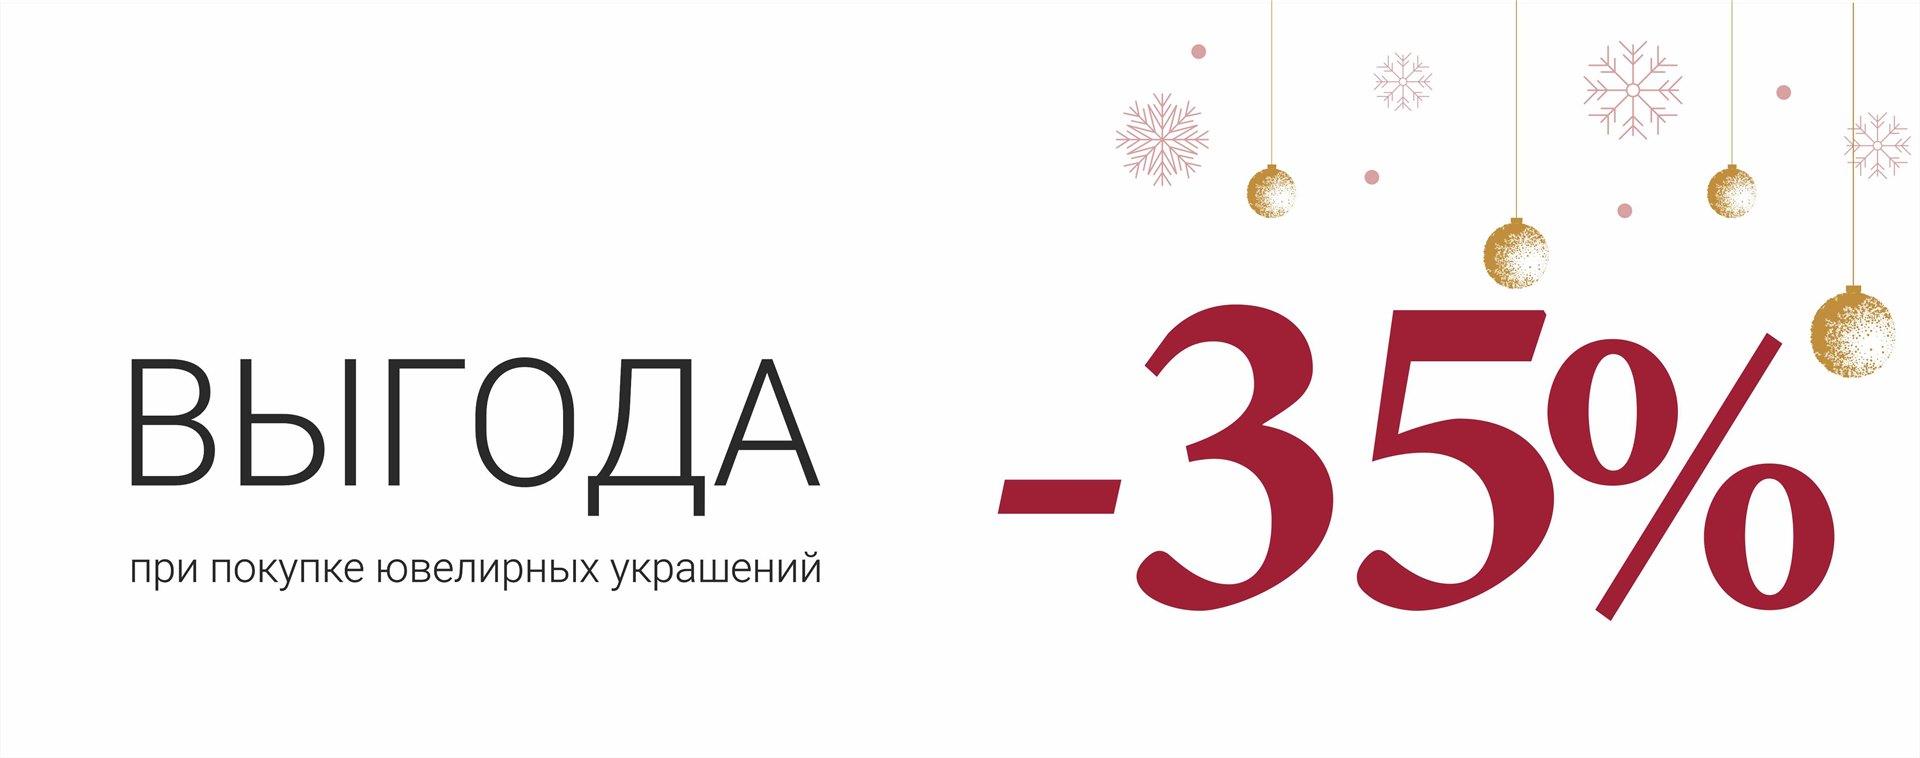 https://www.almazcom.ru/pub/img/QA/actions/aktsiyaVYgoda.jpg